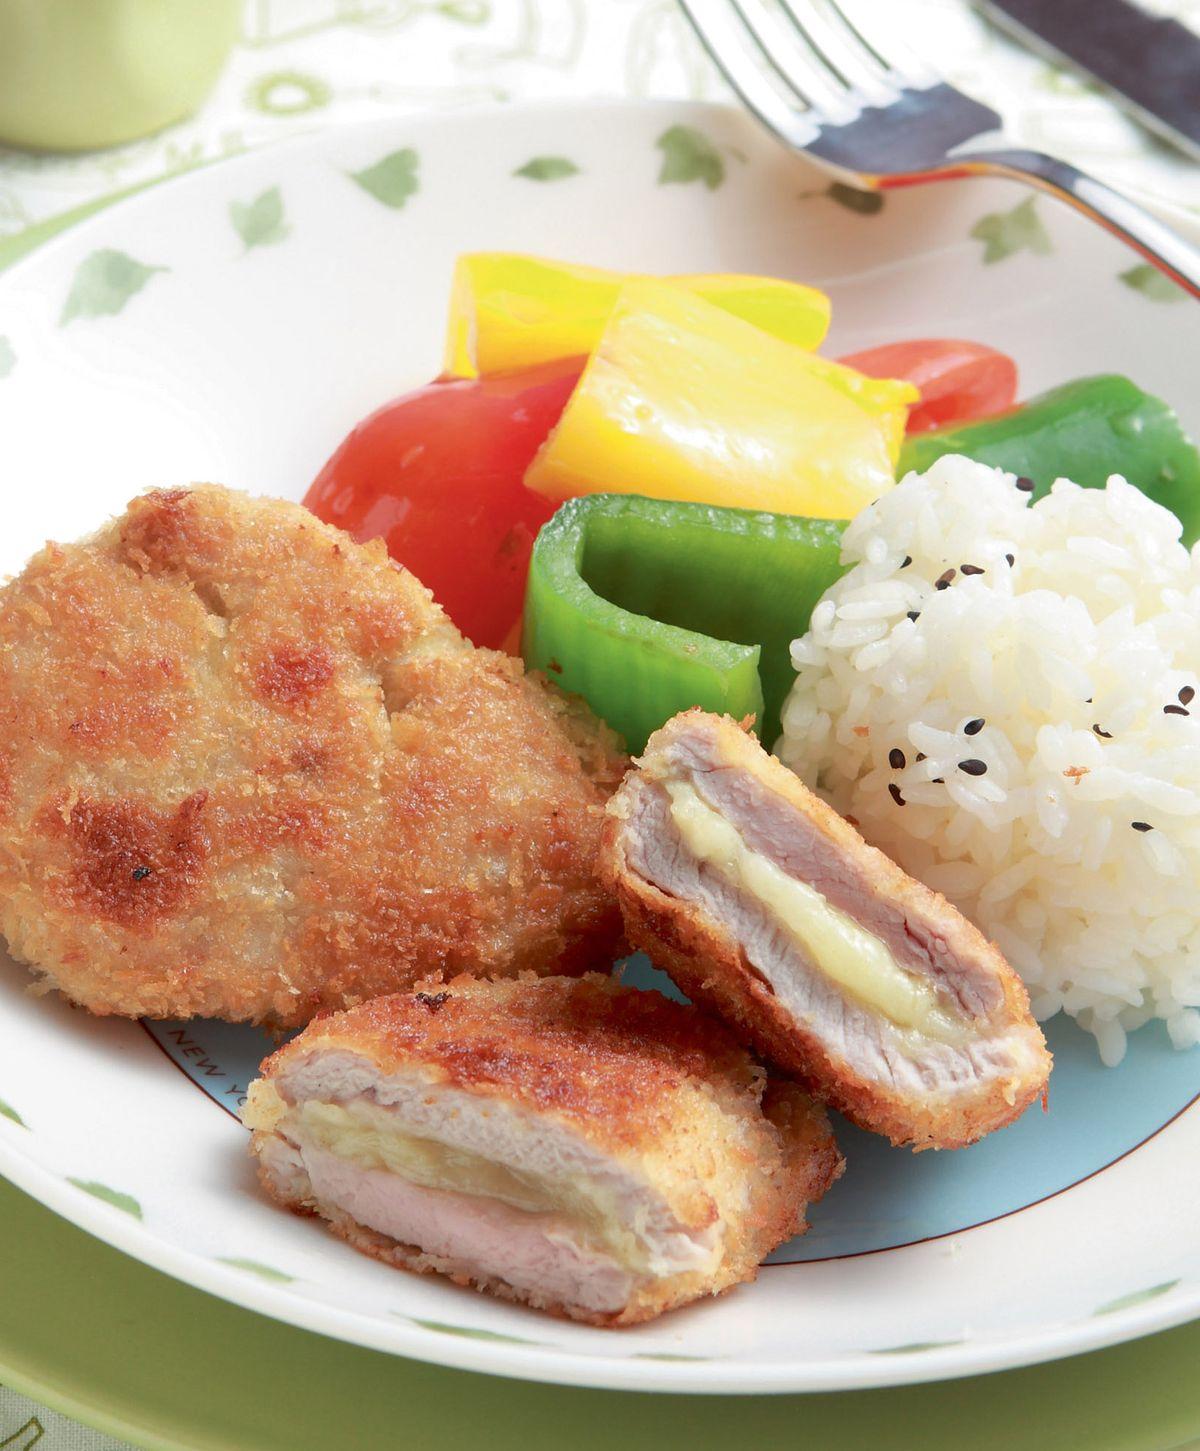 食譜:起司豬排套餐